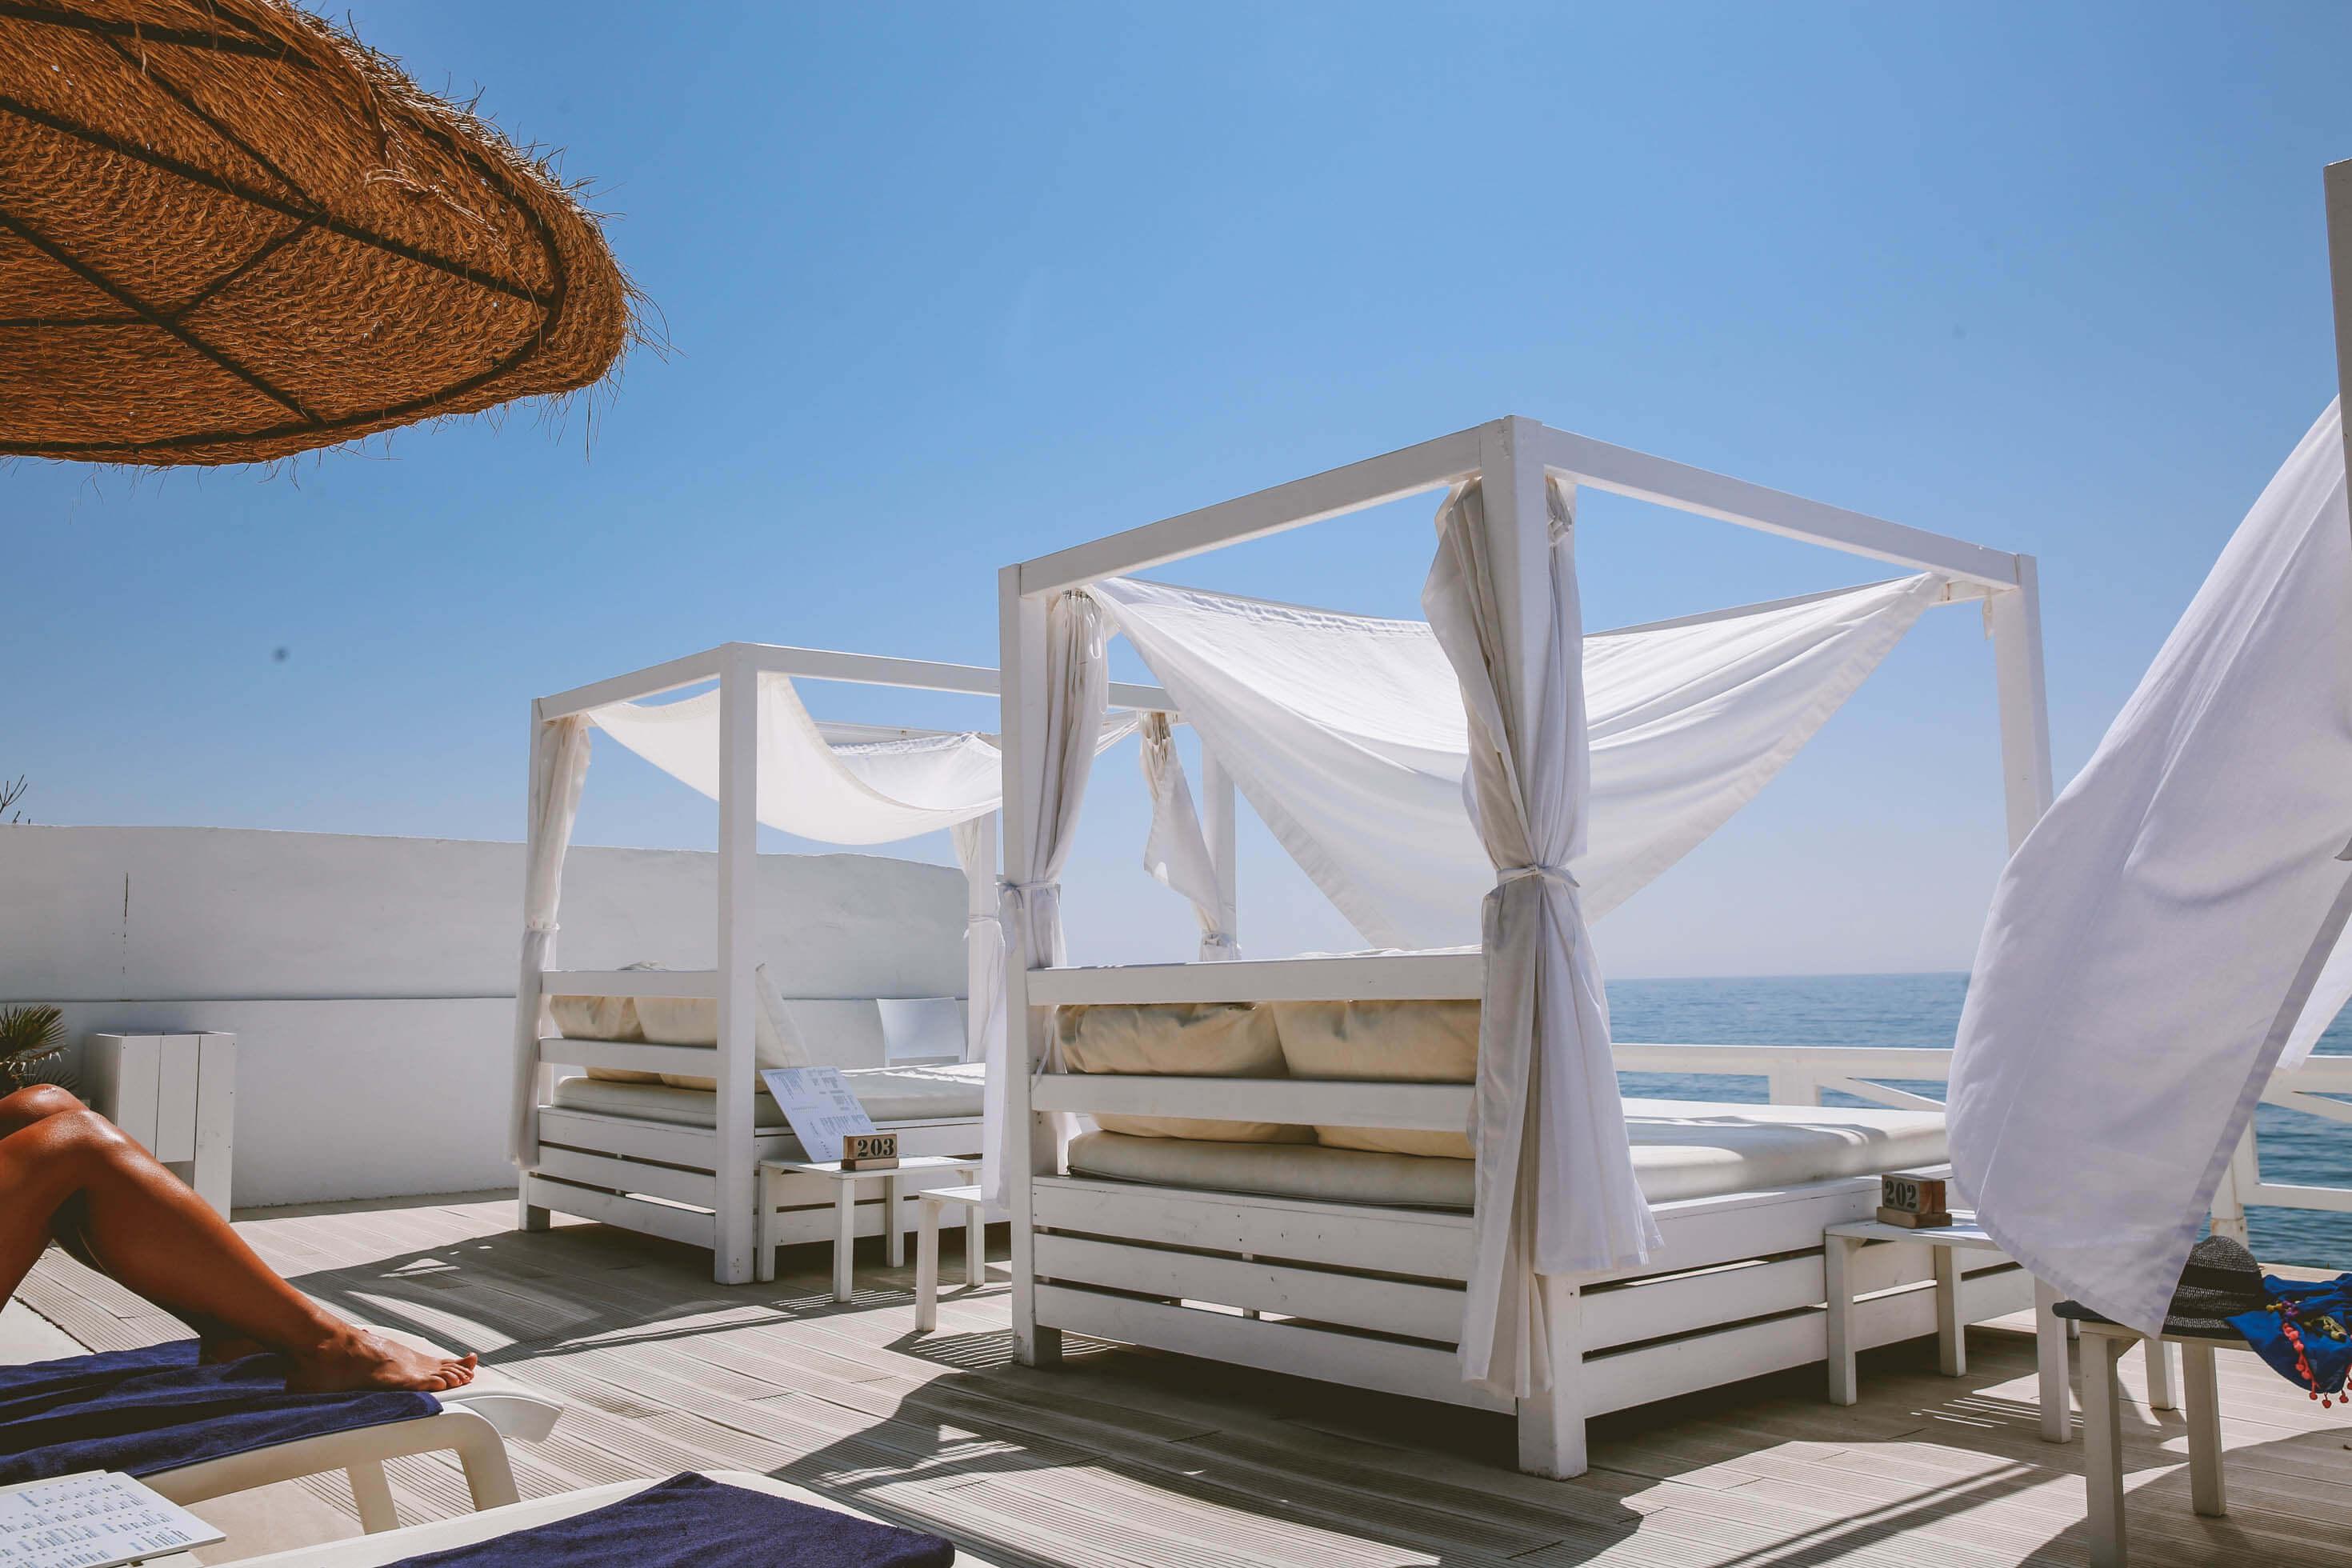 Marbella el ancla casanis_-8